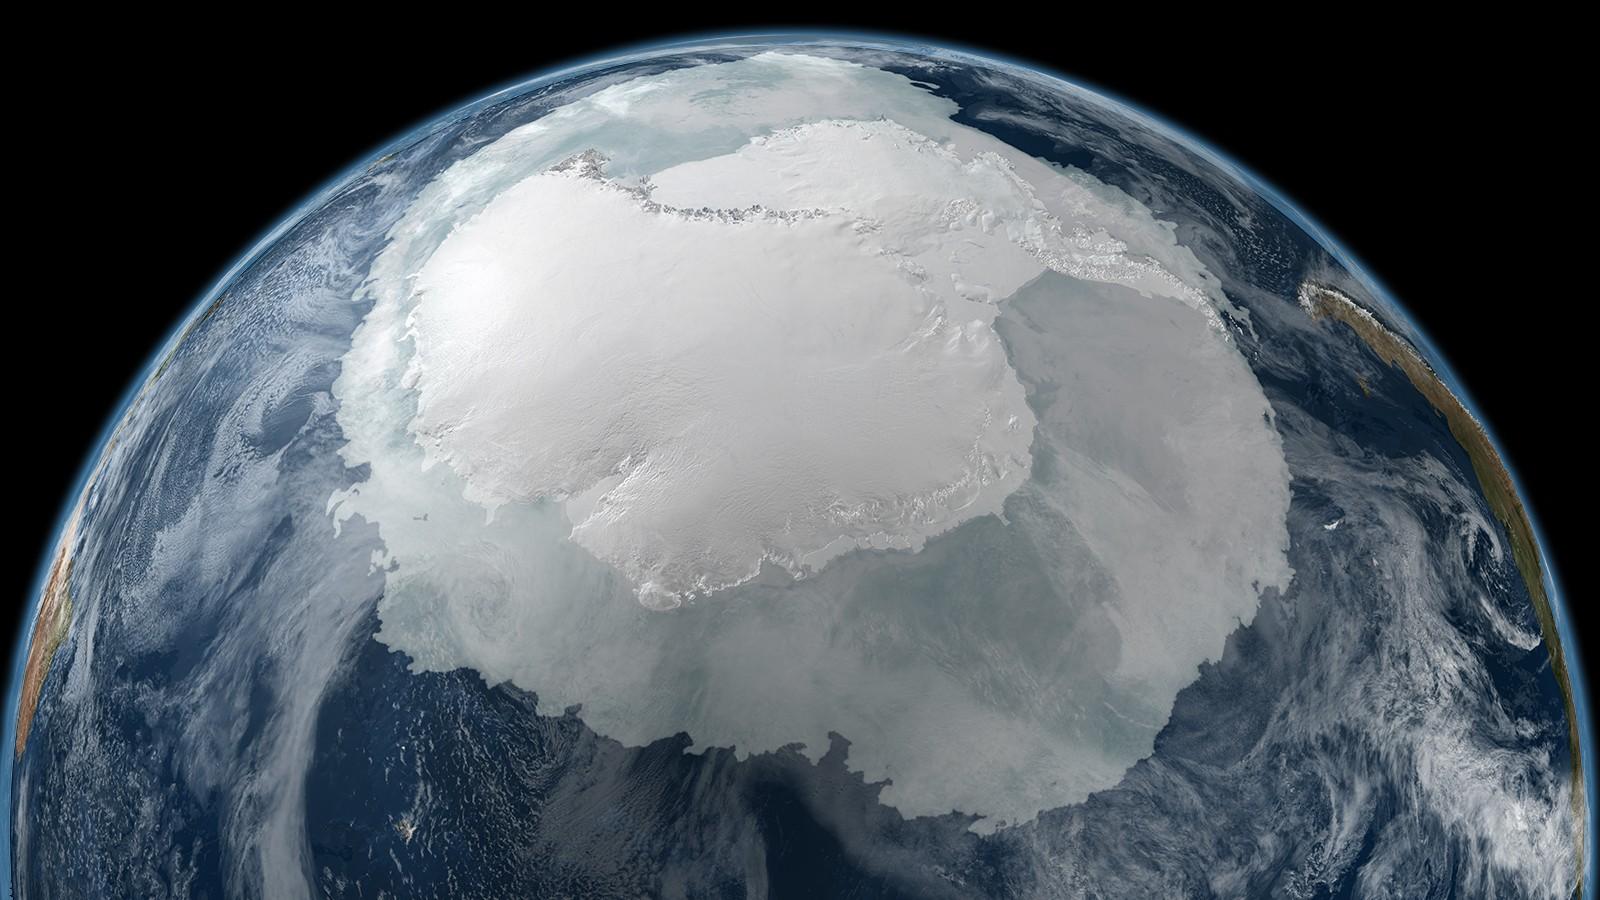 Αποτέλεσμα εικόνας για Ατμόσφαιρα της Γης